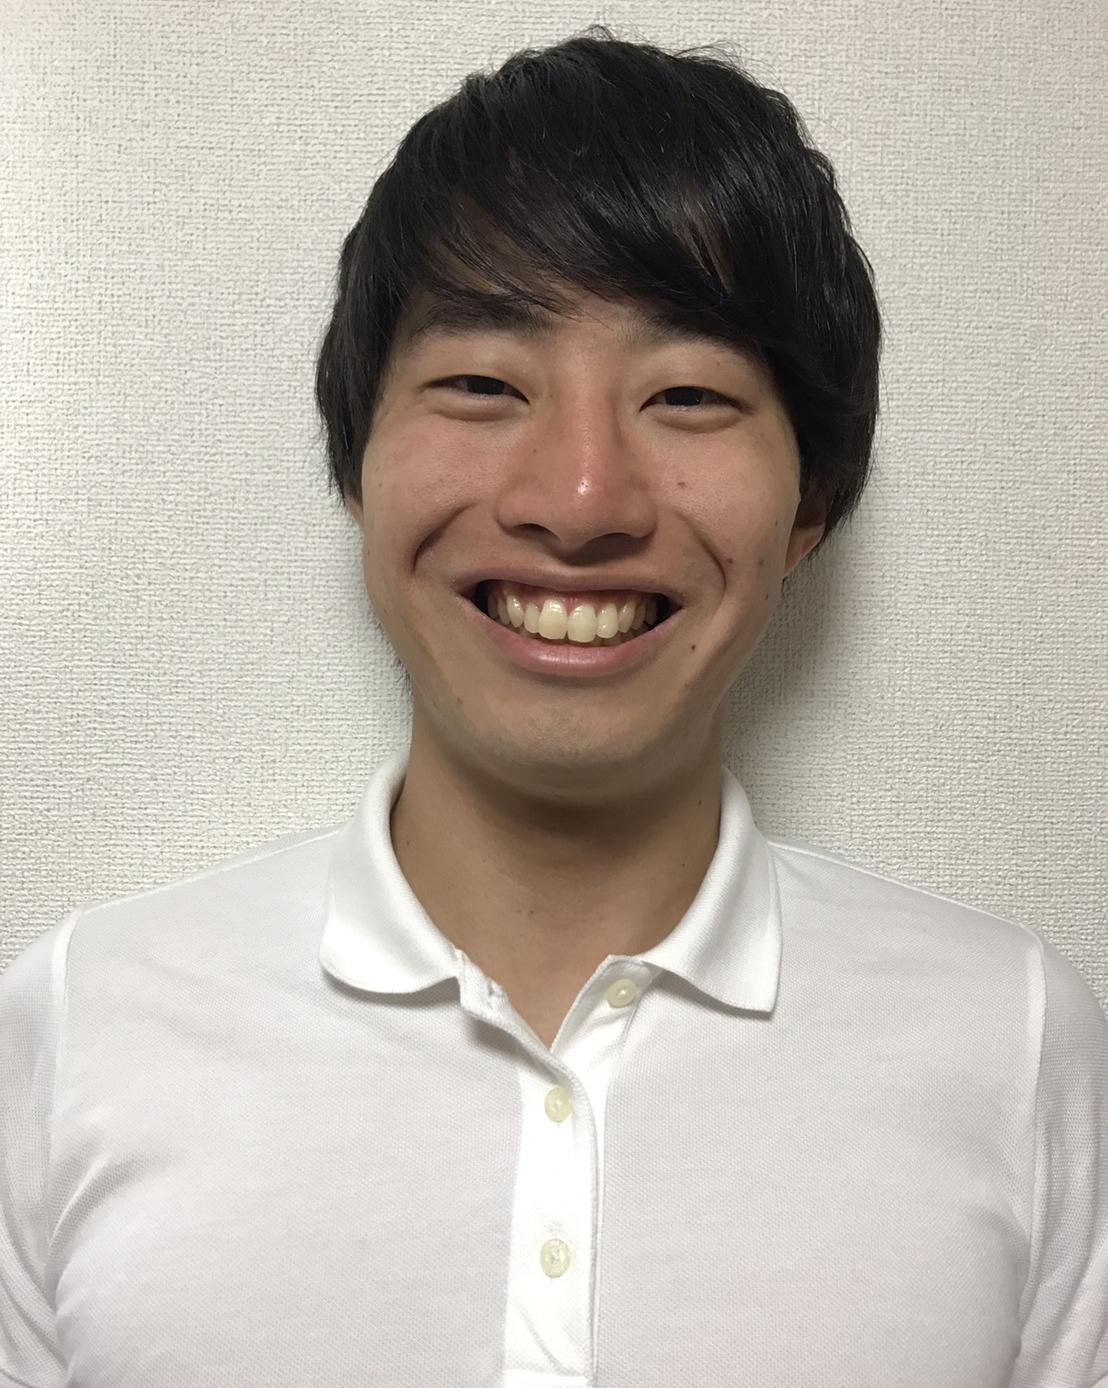 阿井 優太郎